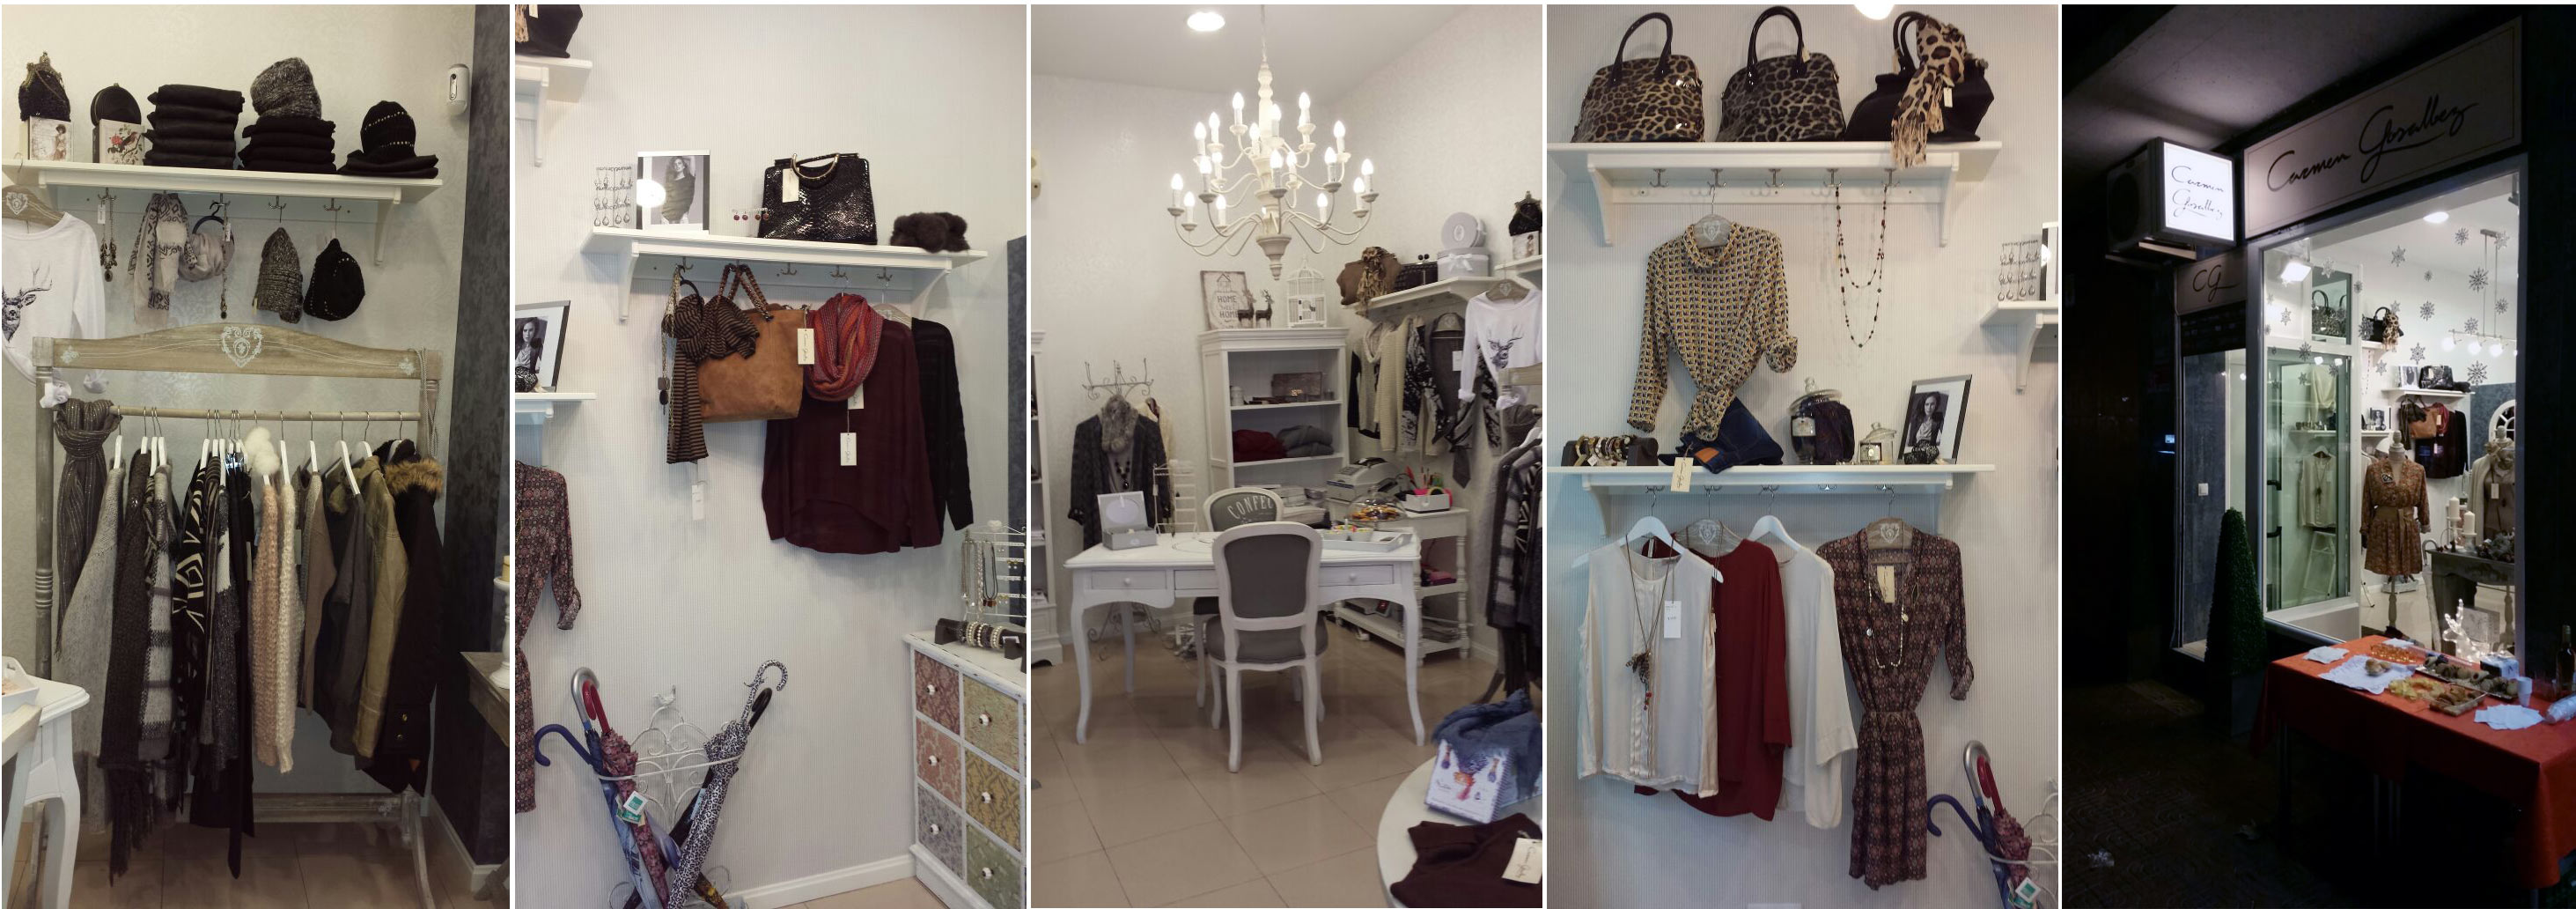 Imágenes de la tienda de Carmen Gosálvez